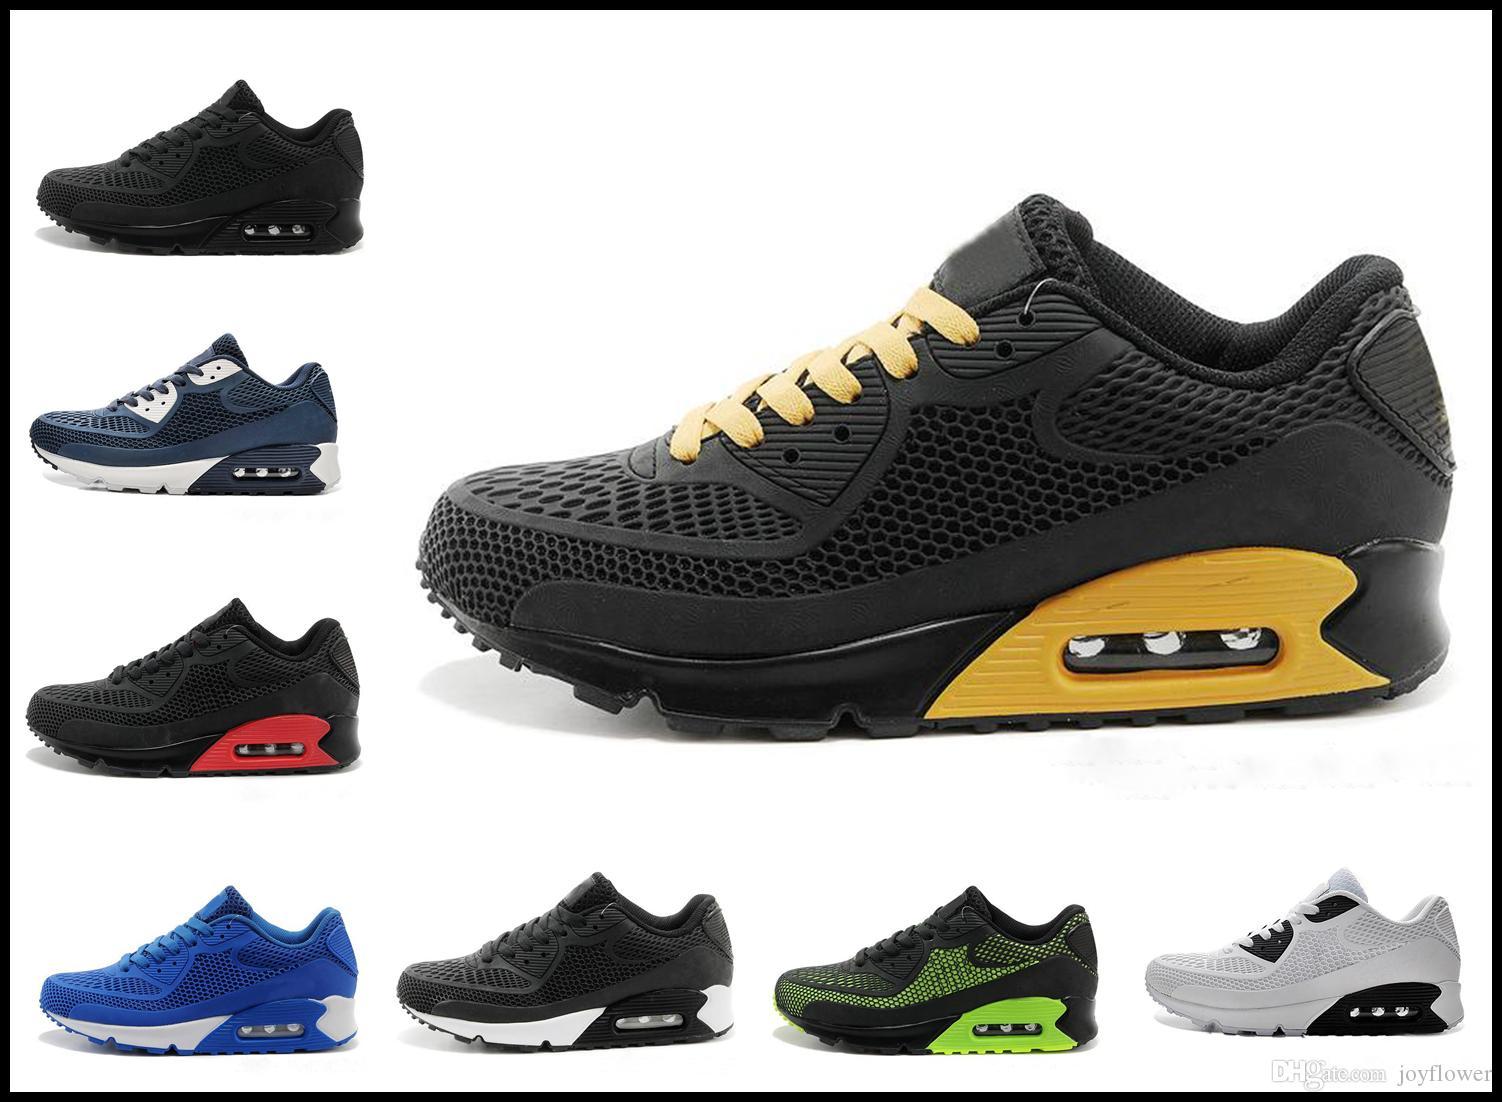 on sale 80ac3 95807 Acheter Nike Air Max Airmax 90 Nouveau Chaussures De Course Air Cushion 90  KPU Hommes Femmes Baskets Haute Qualité Pas Cher Tout Noir Chaussures De  Sport ...